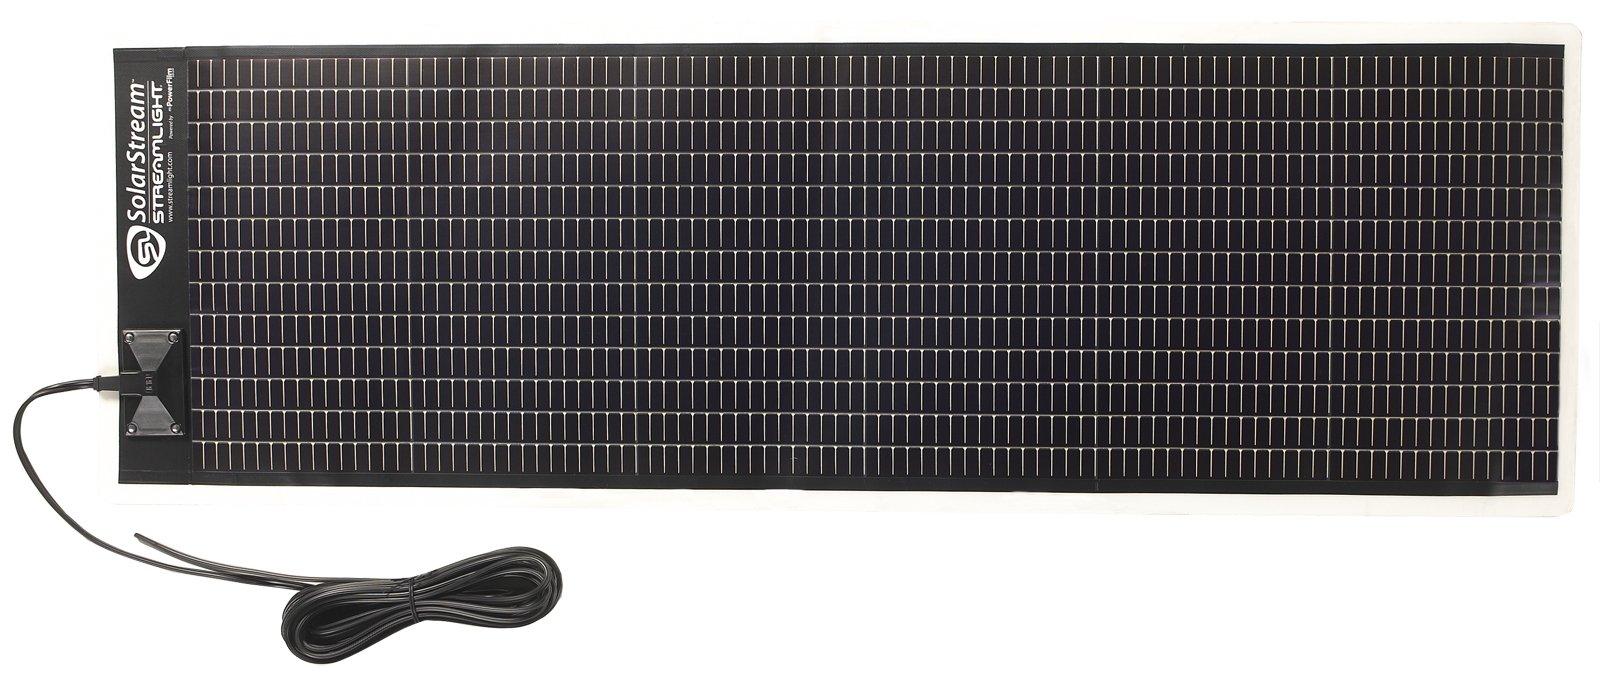 Streamlight 22670 SolarStream Solar Panel for Charging Vehicle